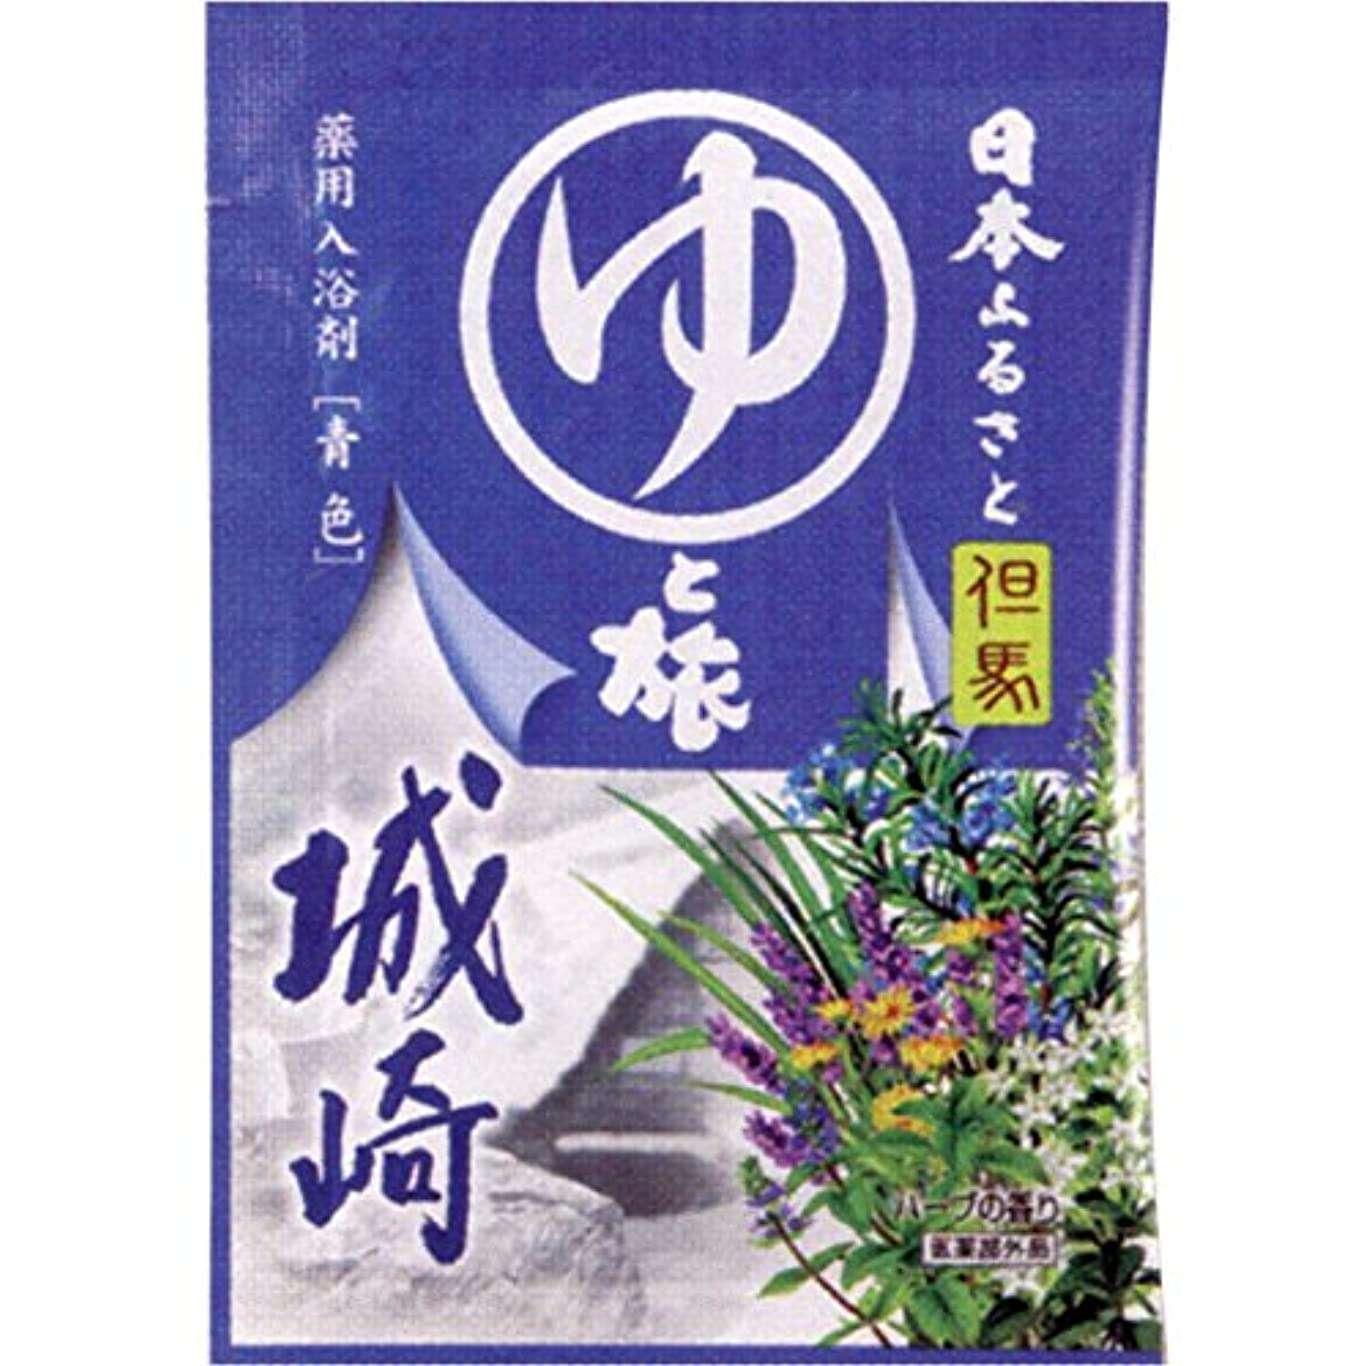 エイズハドル統治可能ヤマサキの入浴剤シリーズ 城崎(入浴剤)